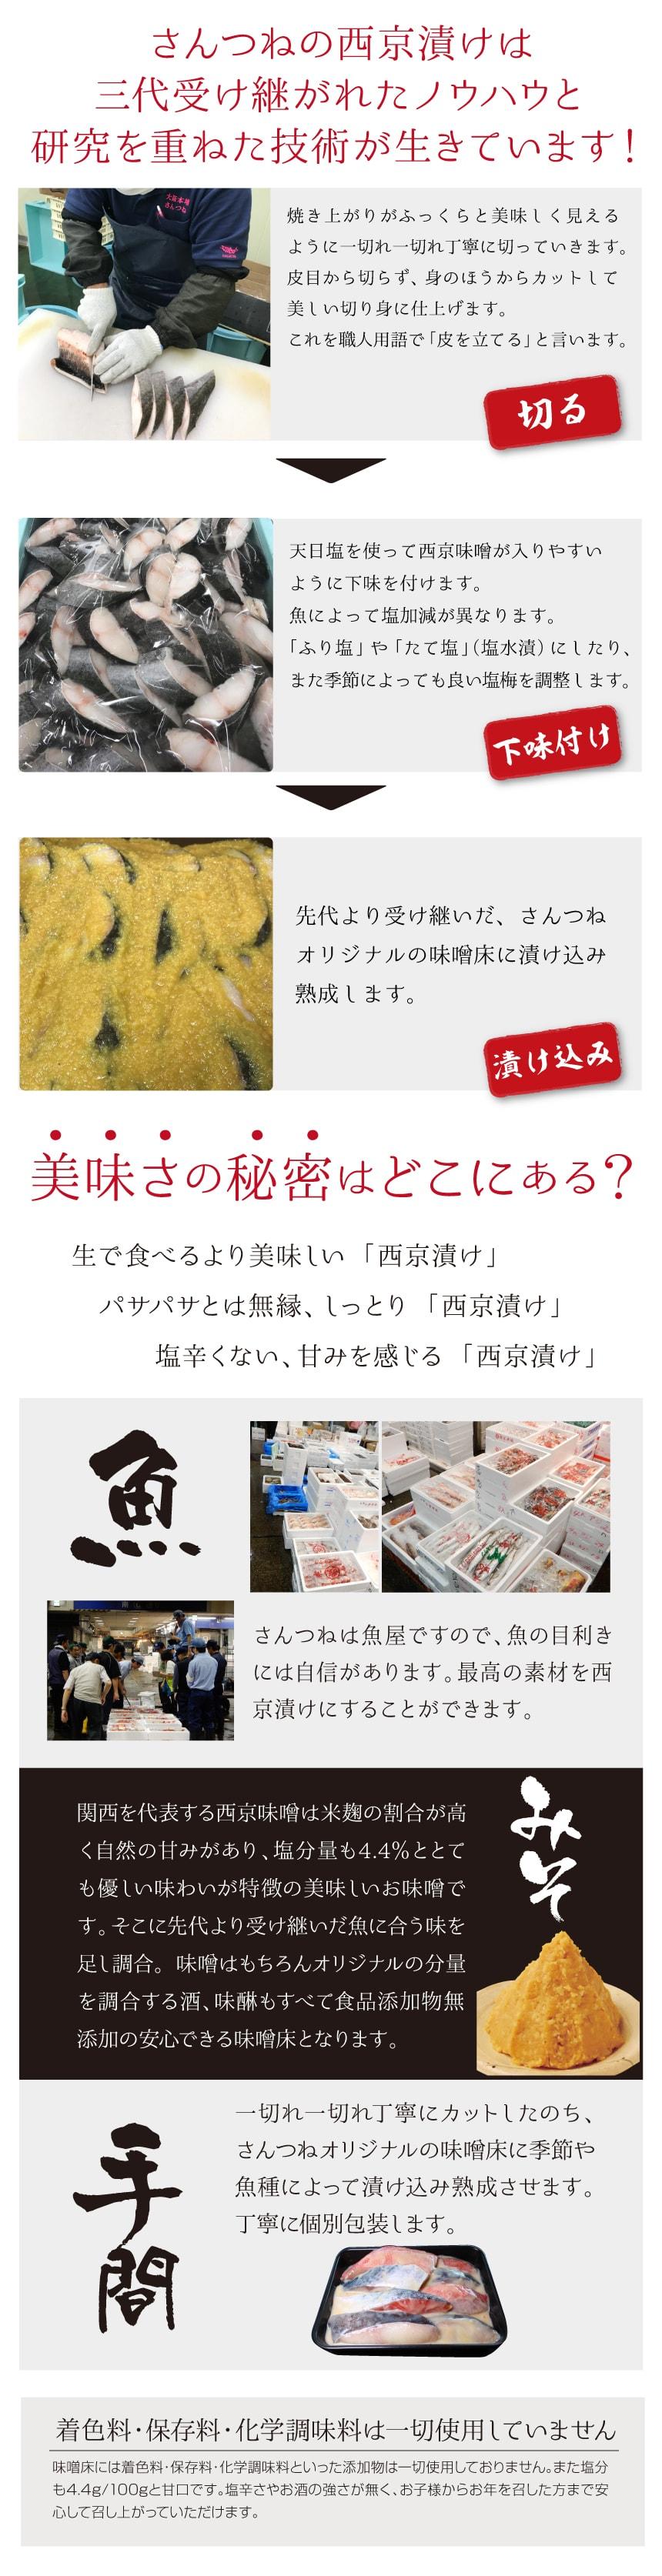 さんつねの西京漬け(西京焼き)は三代受け継がれたノウハウと研究を重ねた技術が生きています!